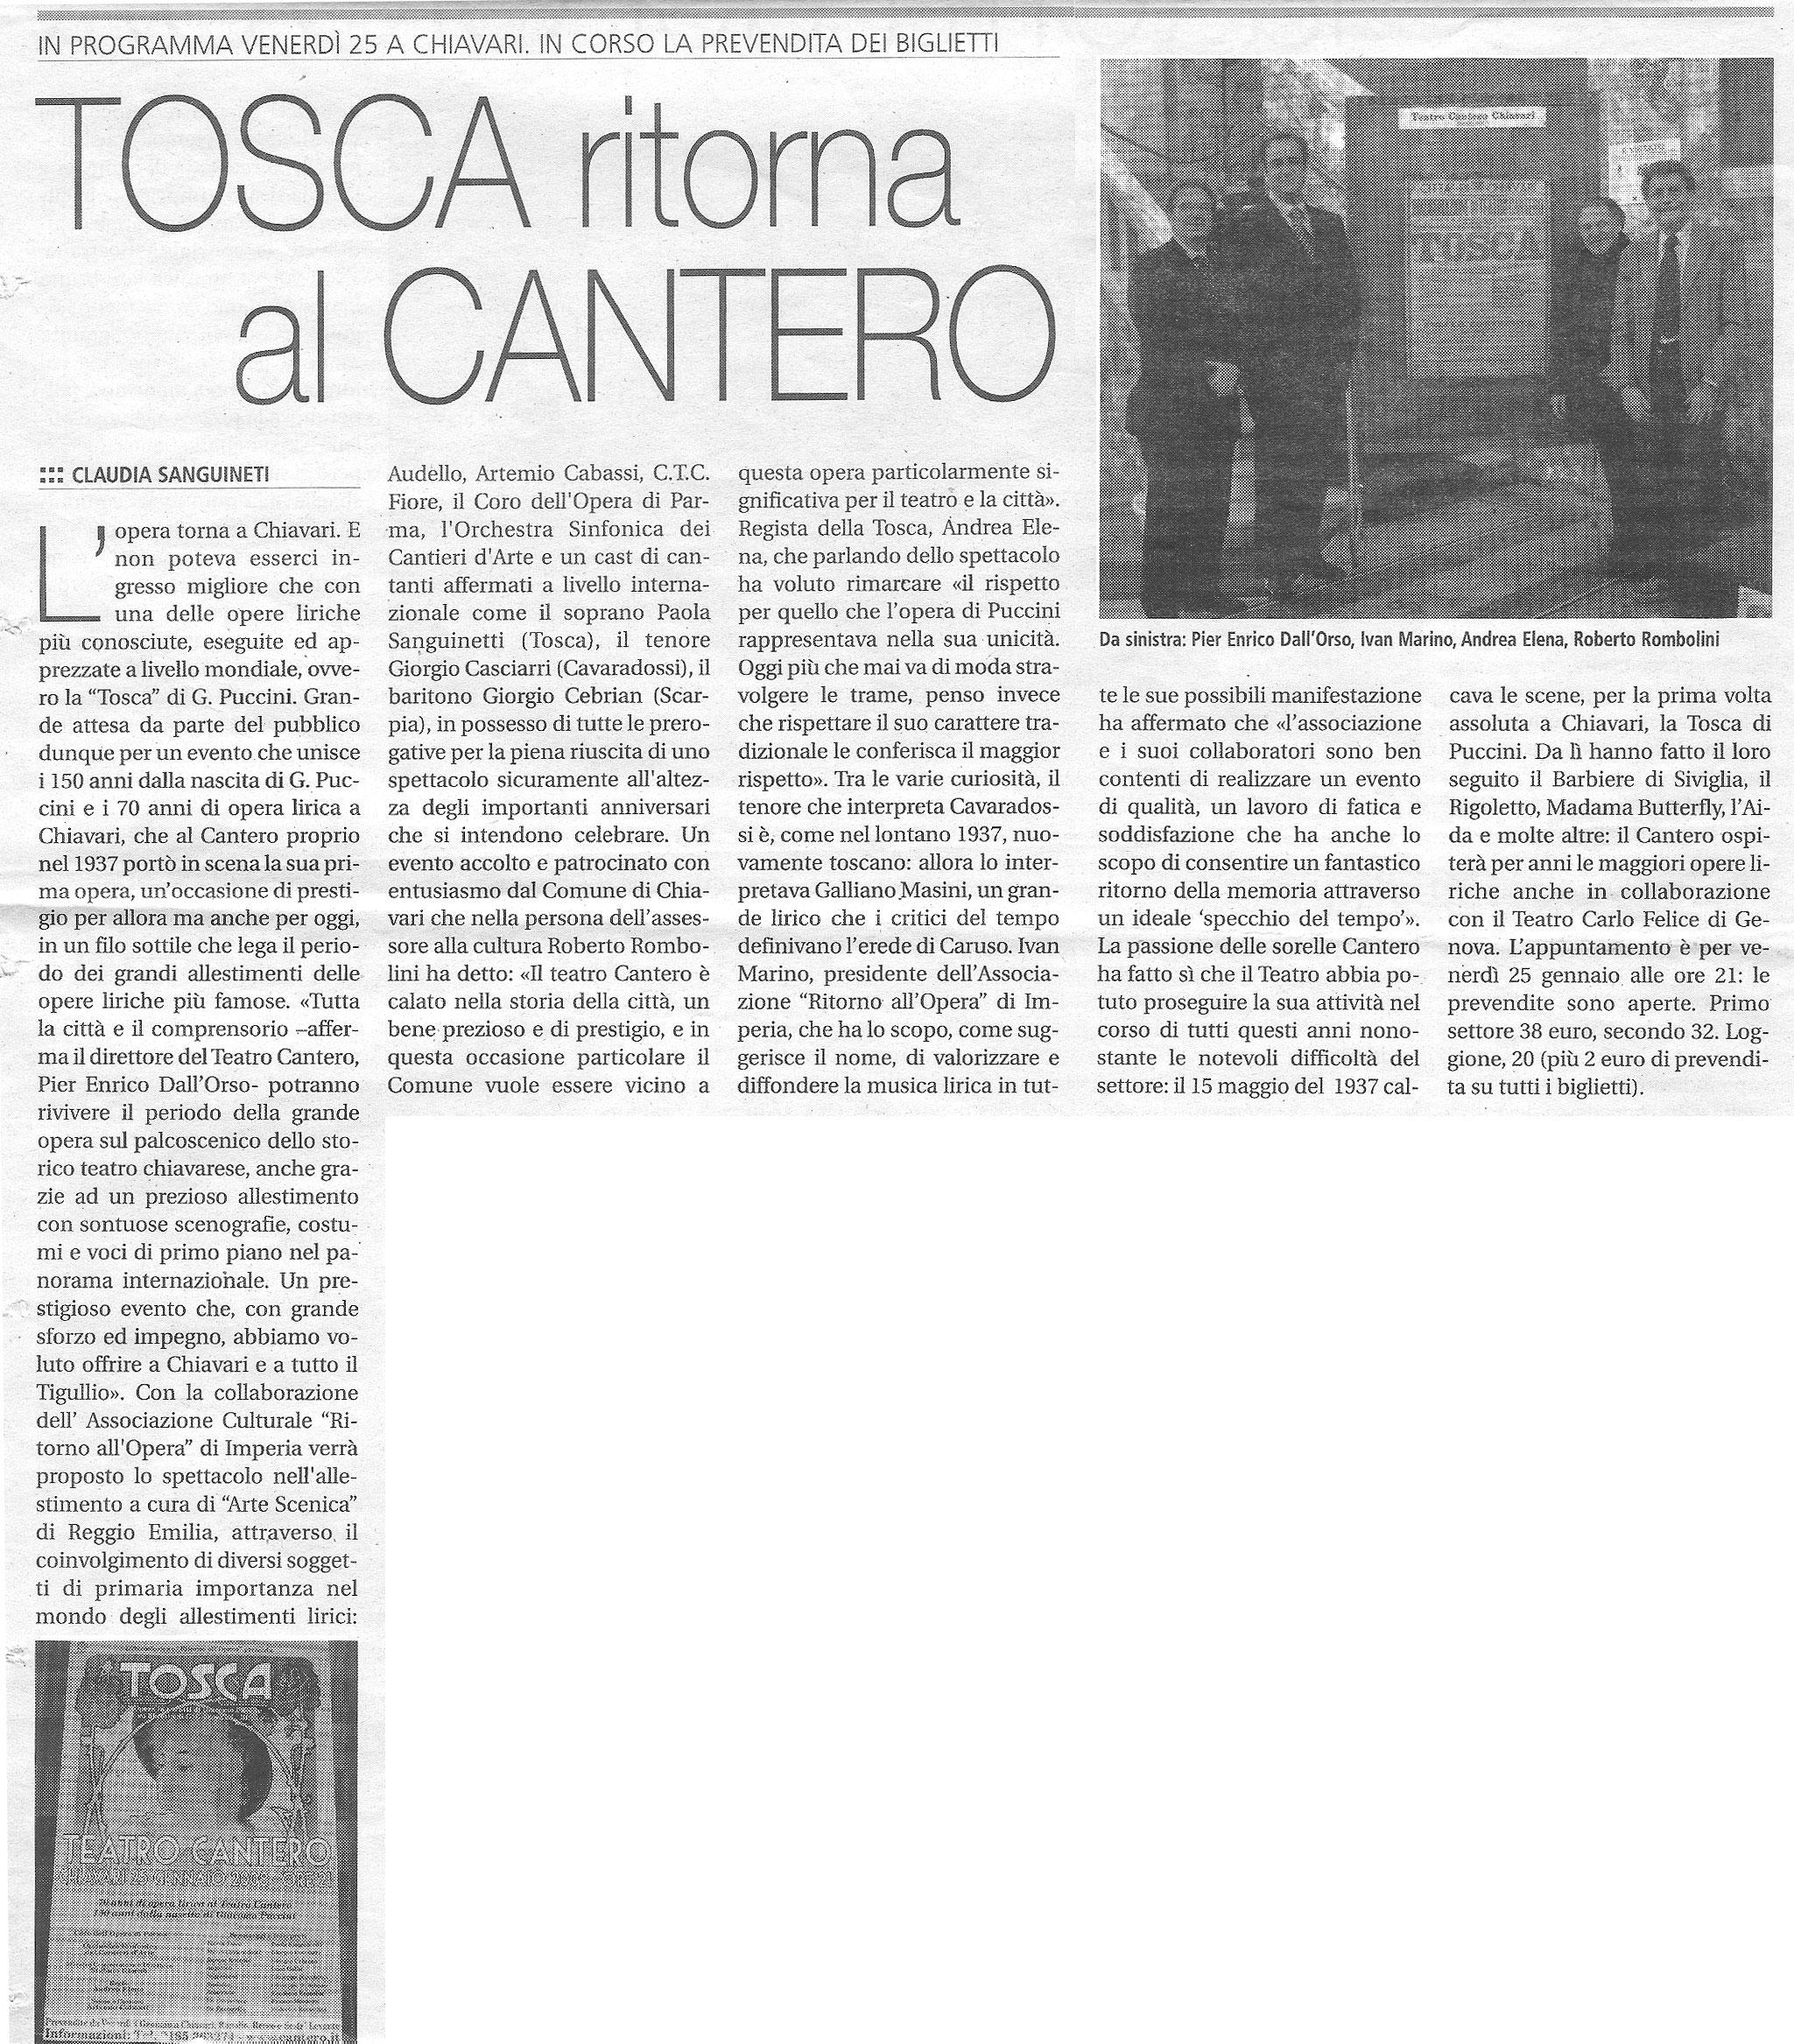 18.01.2008 – IL NUOVO LEVANTE – Tosca